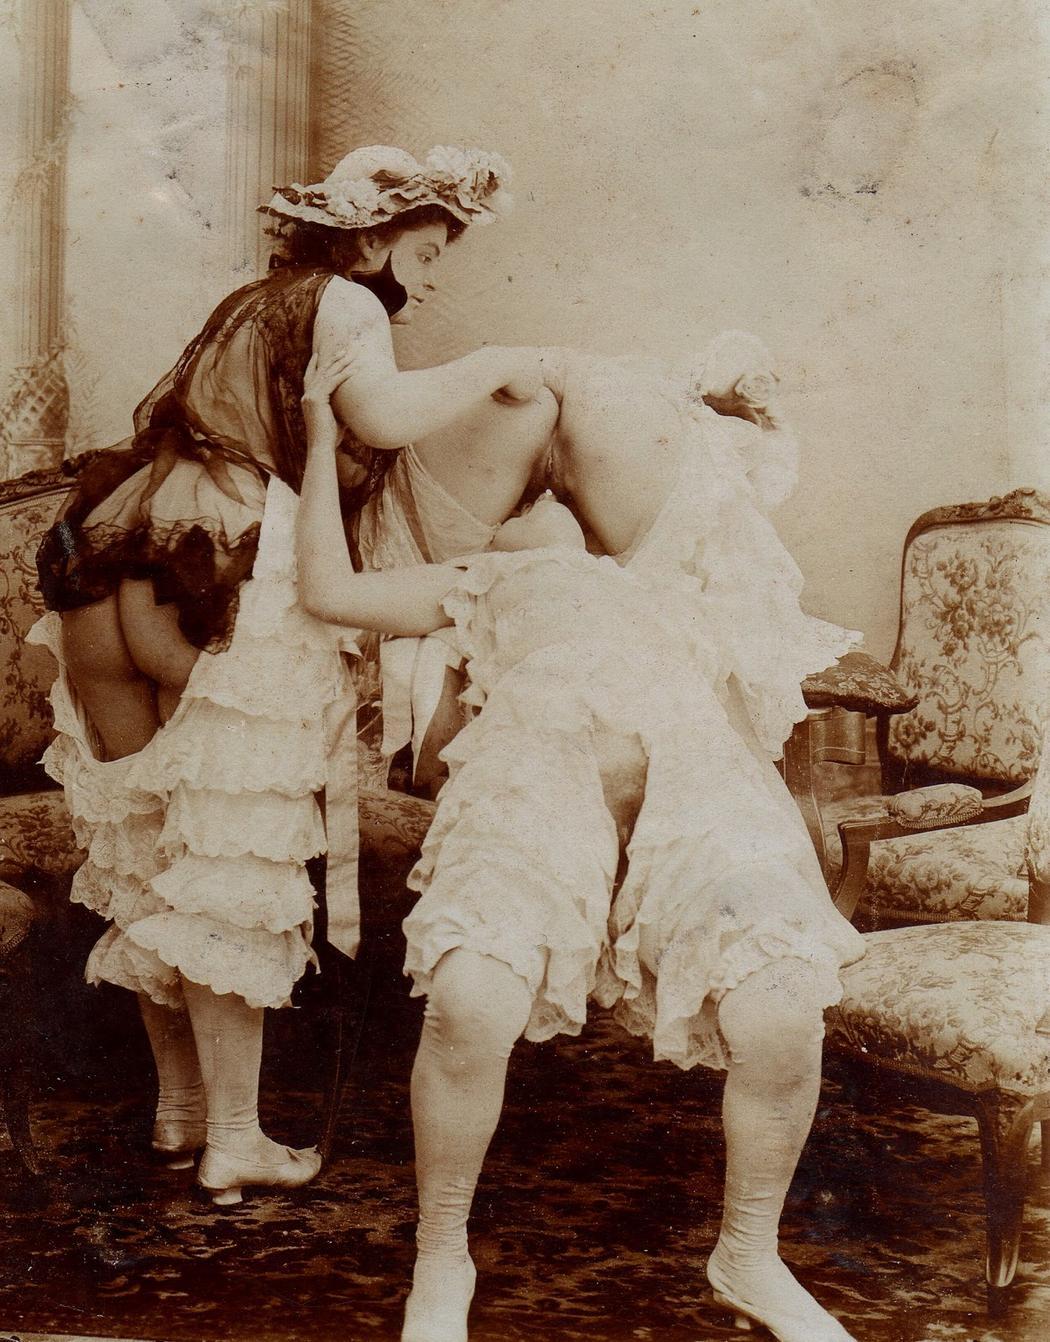 Vintage μαύρες εικόνες πορνό